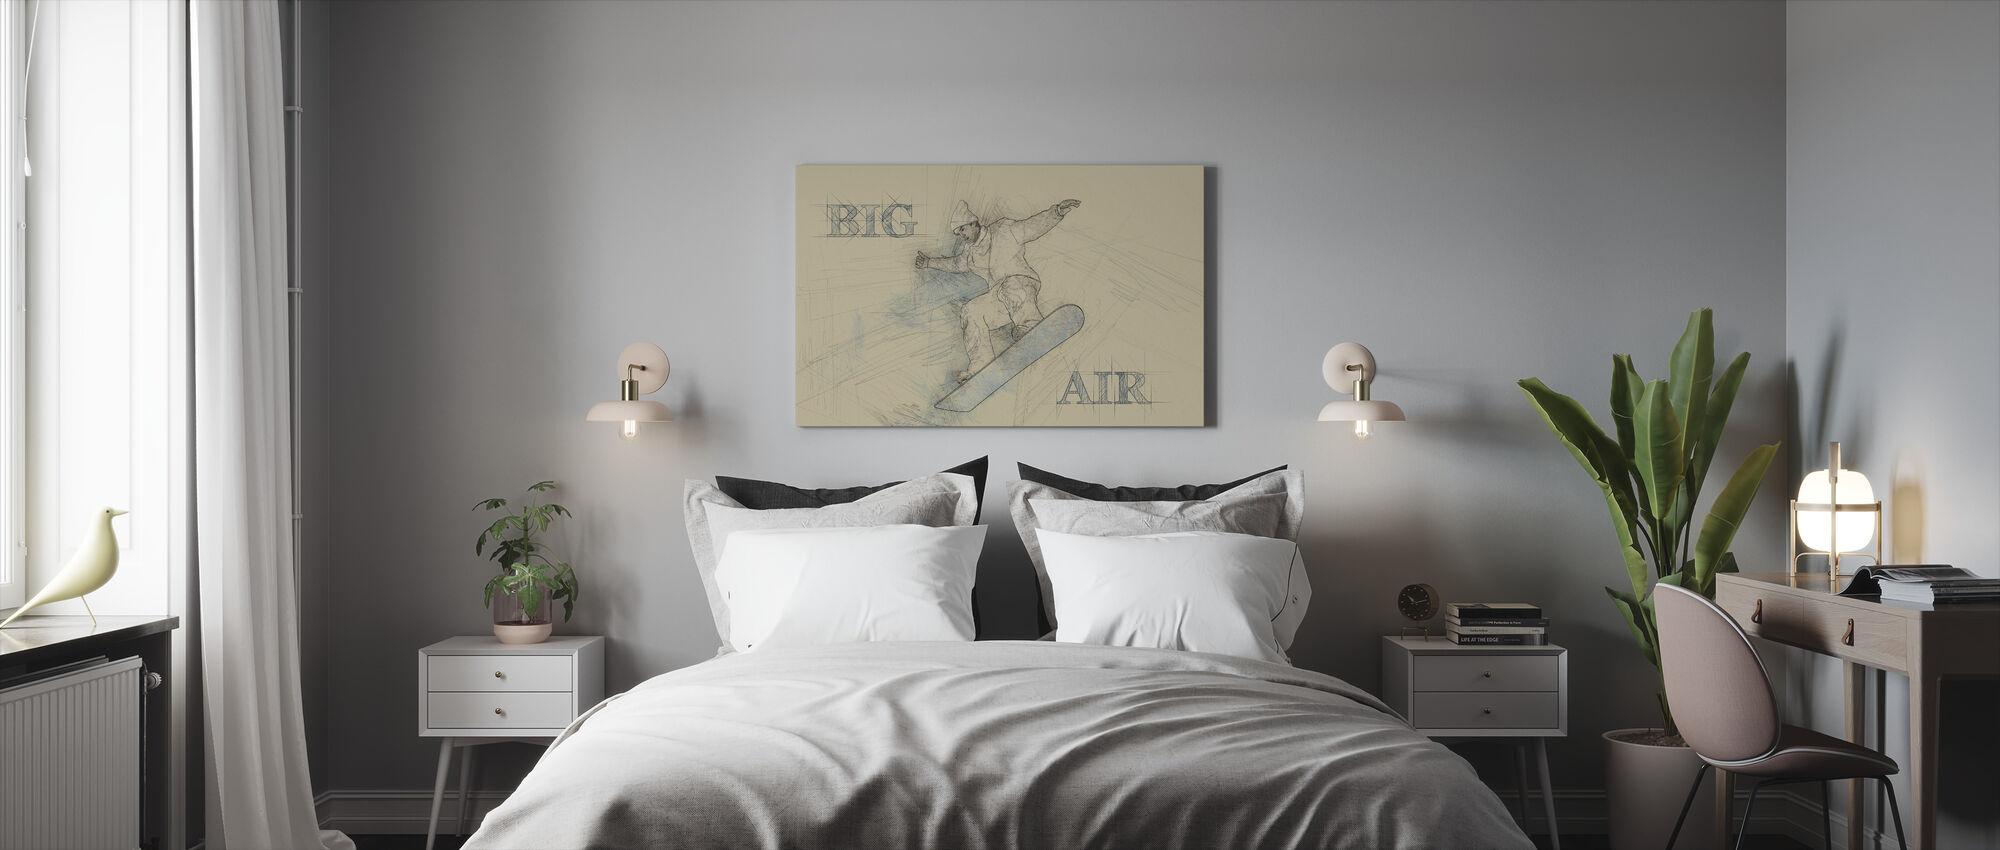 Iso ilma - Canvastaulu - Makuuhuone